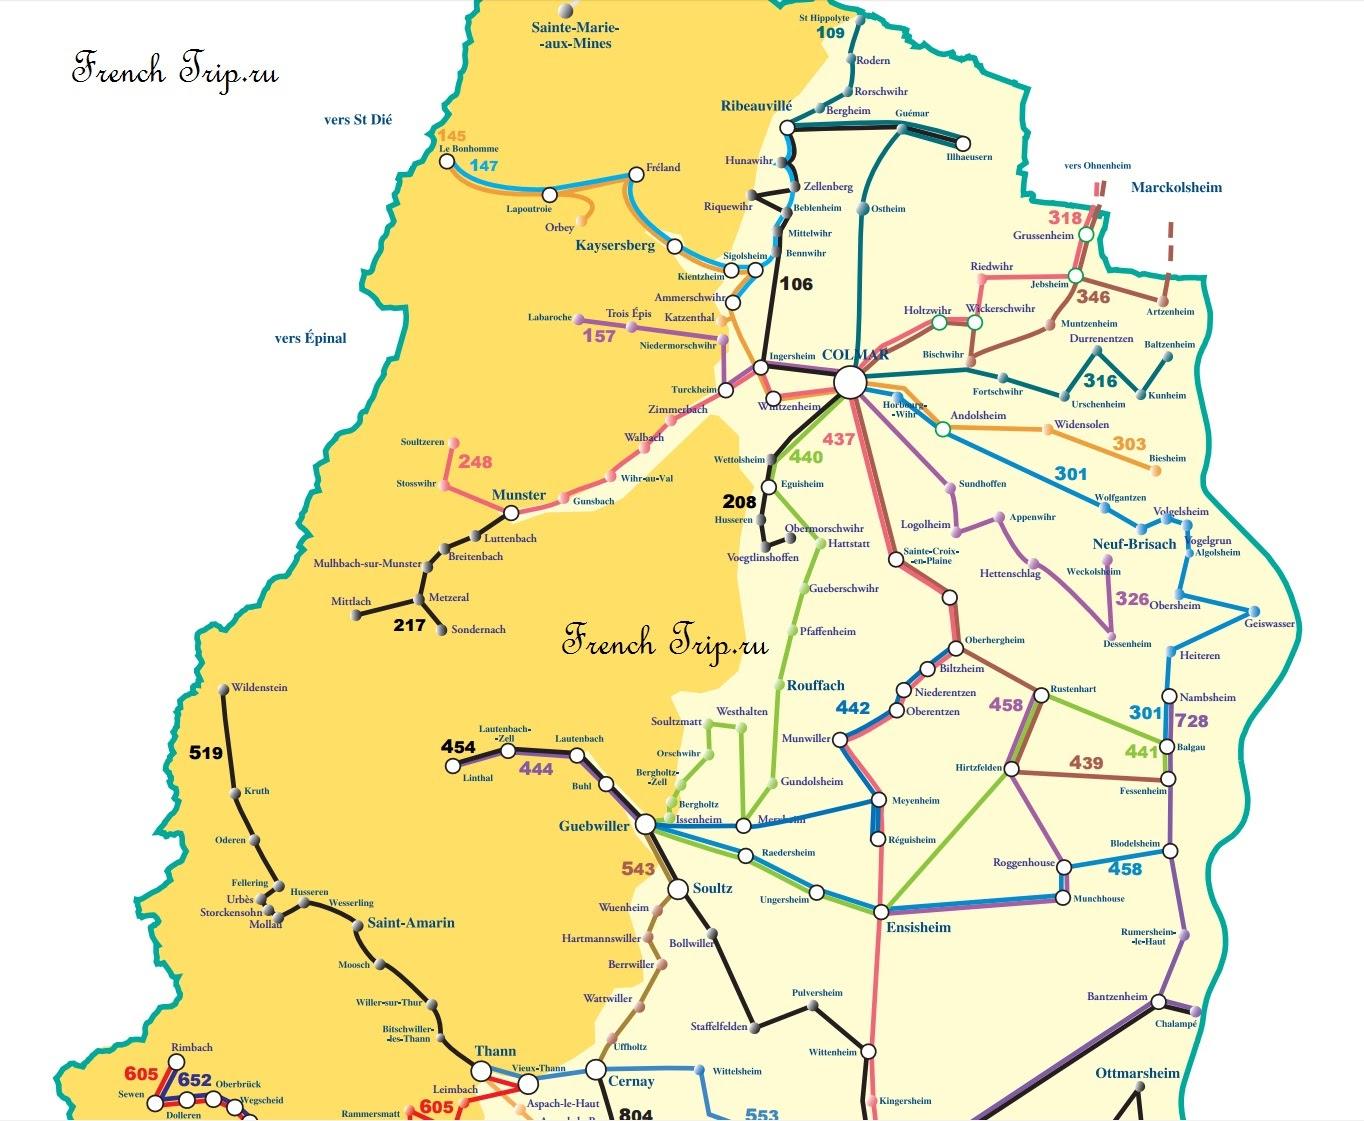 Схема маршрутов автобусов из Кольмара по Эльзасу: Кольмар: на автобусе по Эльзасу. Расписание автобусов по Эльзасу, схема маршрутов автобусов, стоимость билетов. Как сэкономить. Путеводитель по Эльзасу